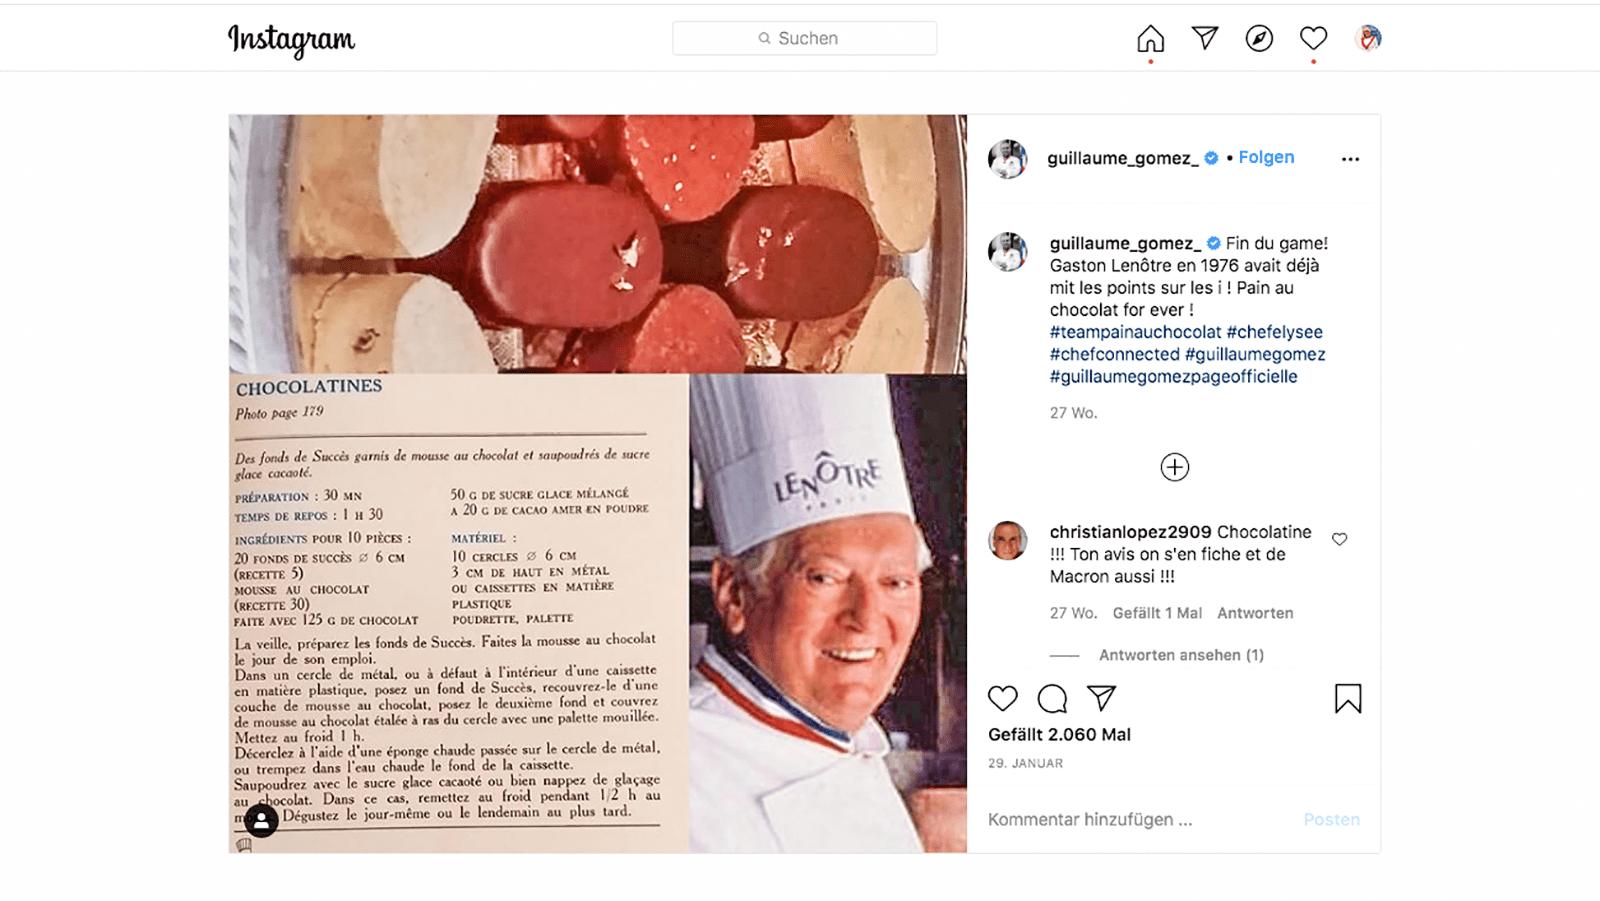 Chocolatine: Das Ende der Debatte - zumindest für Guillaume Gomez, Chefkoch des Élysée. Foto: Hilke Maunder